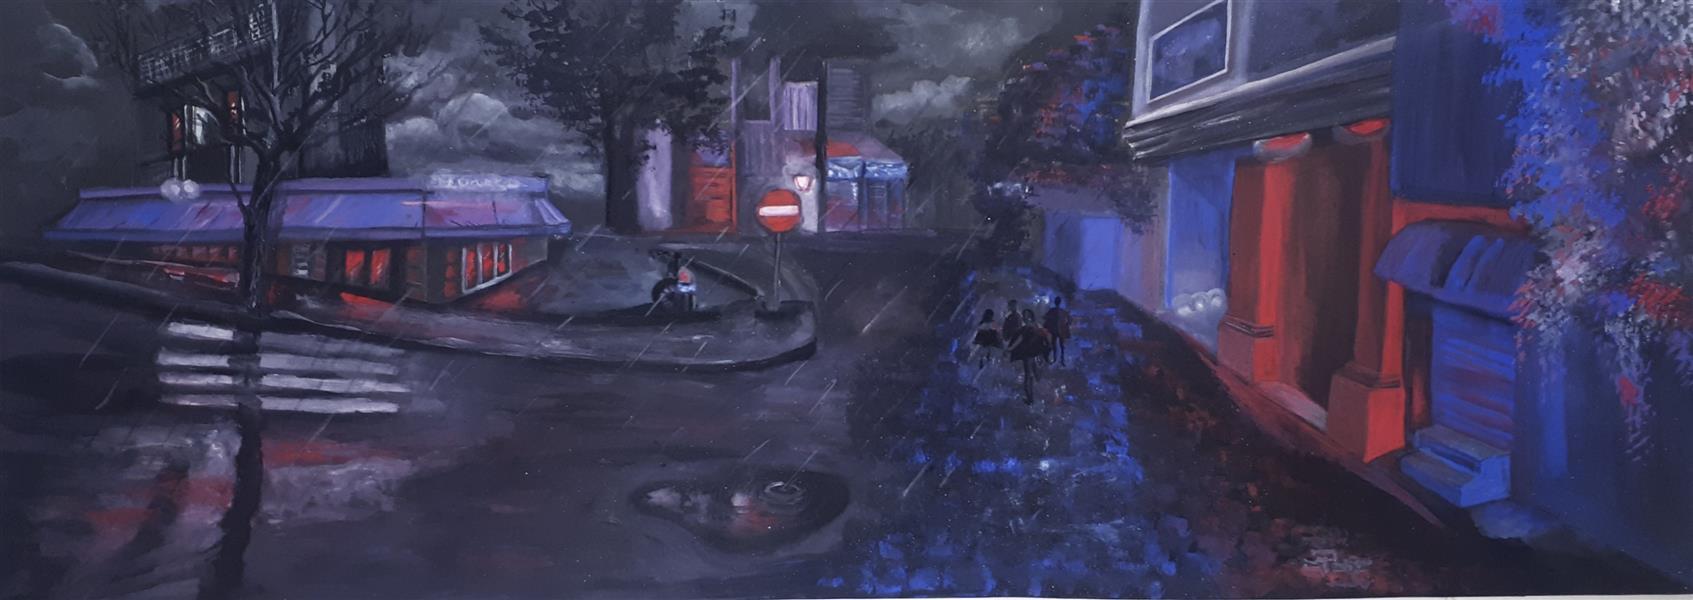 هنر نقاشی و گرافیک محفل نقاشی و گرافیک میترا خیری ۷۰ ×۲۵ تکنیک #گواش همراه با شاسی